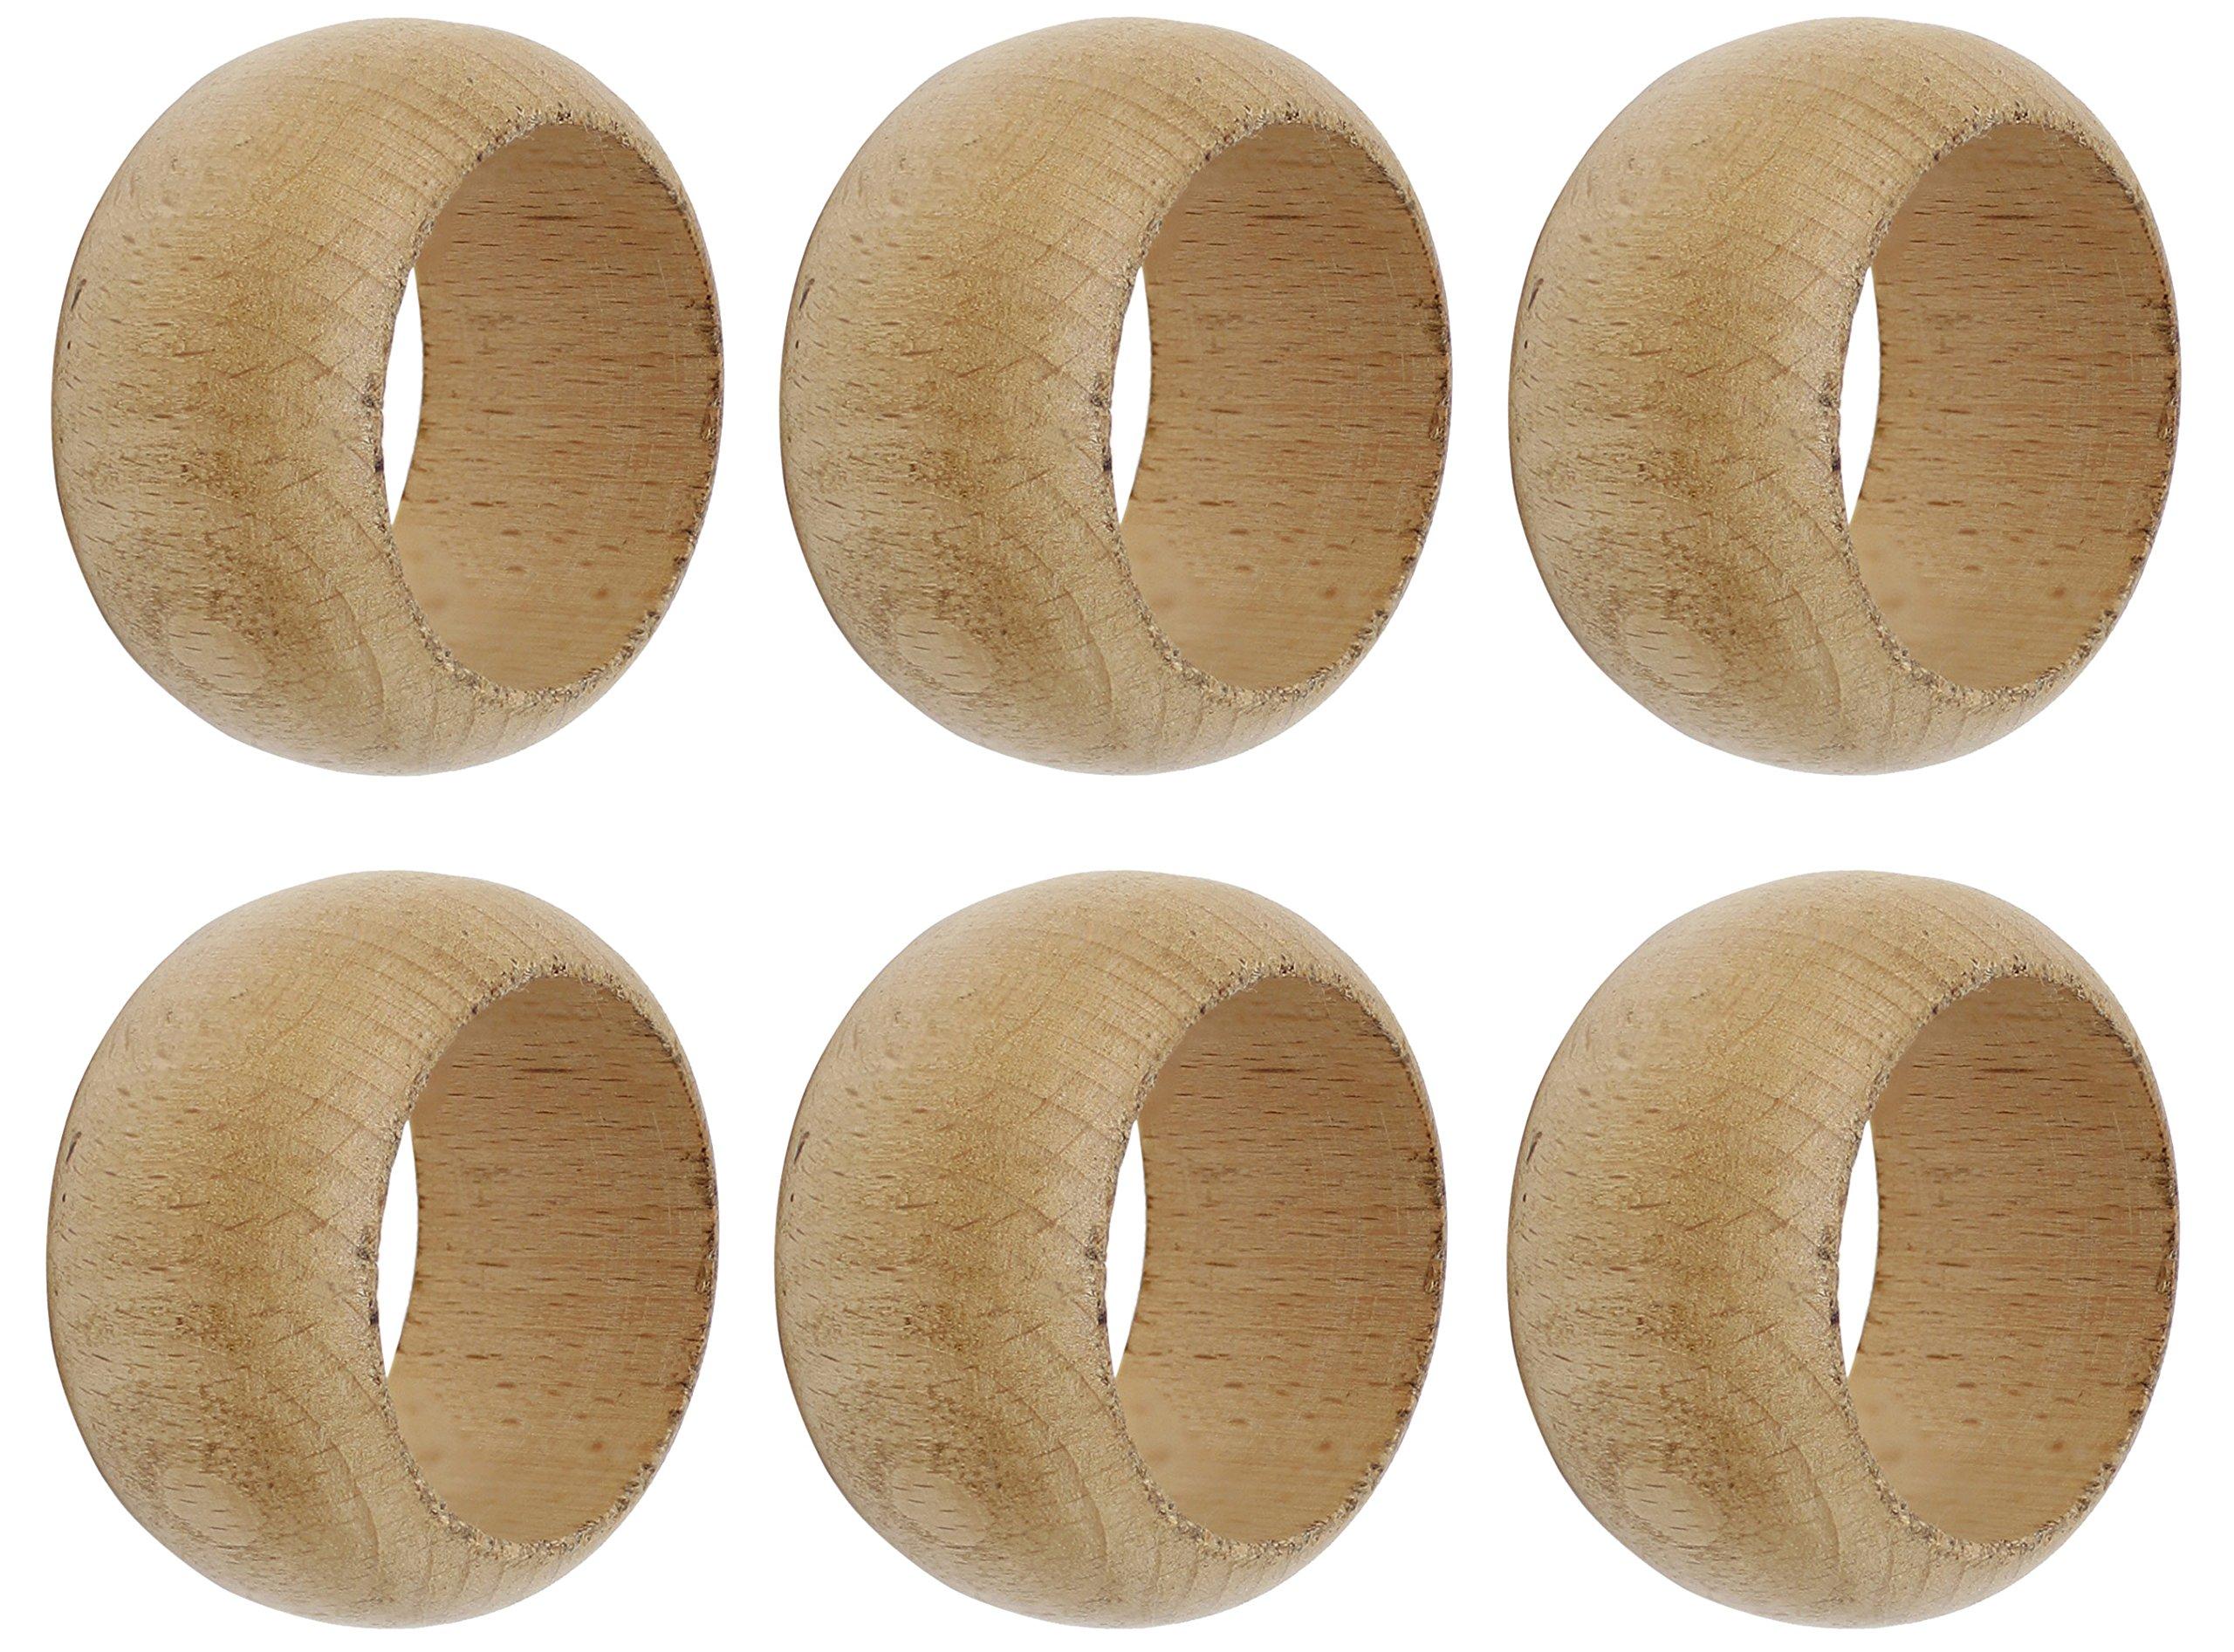 SKAVIJ Napkin Rings Set of 6 Brown for Wedding Banquet Table Dinner Decor Favor Natuaral Wood